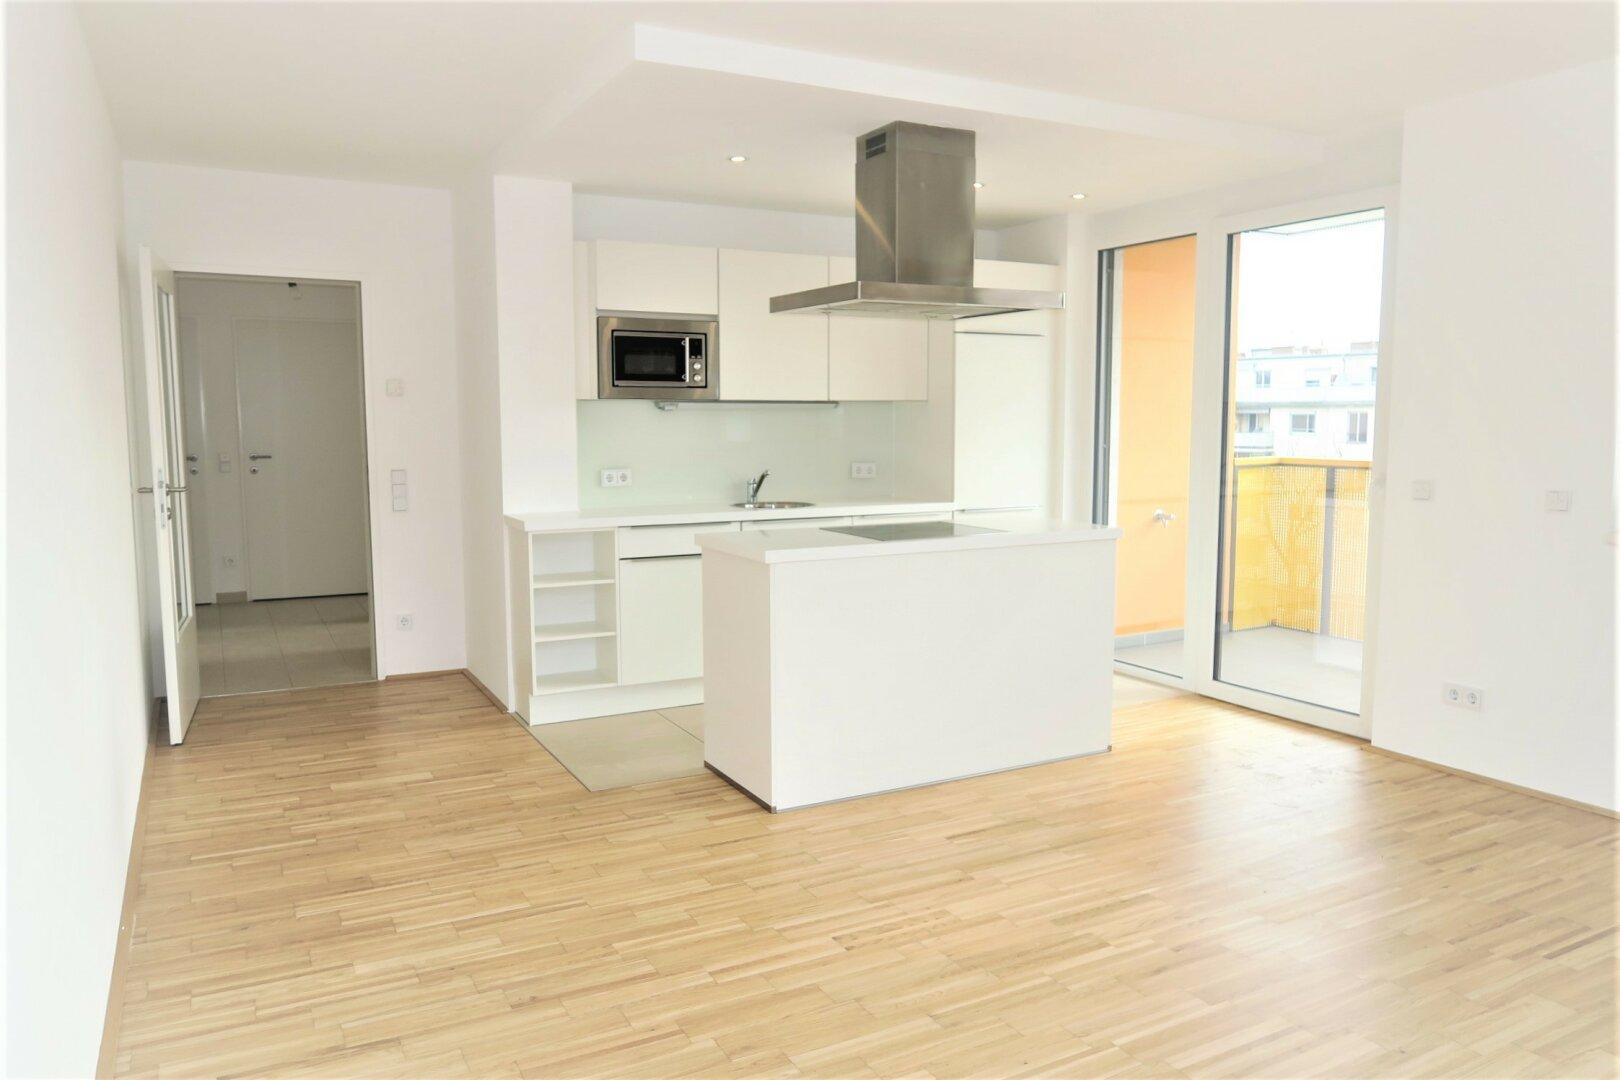 Wohnraum mit Wohnküche